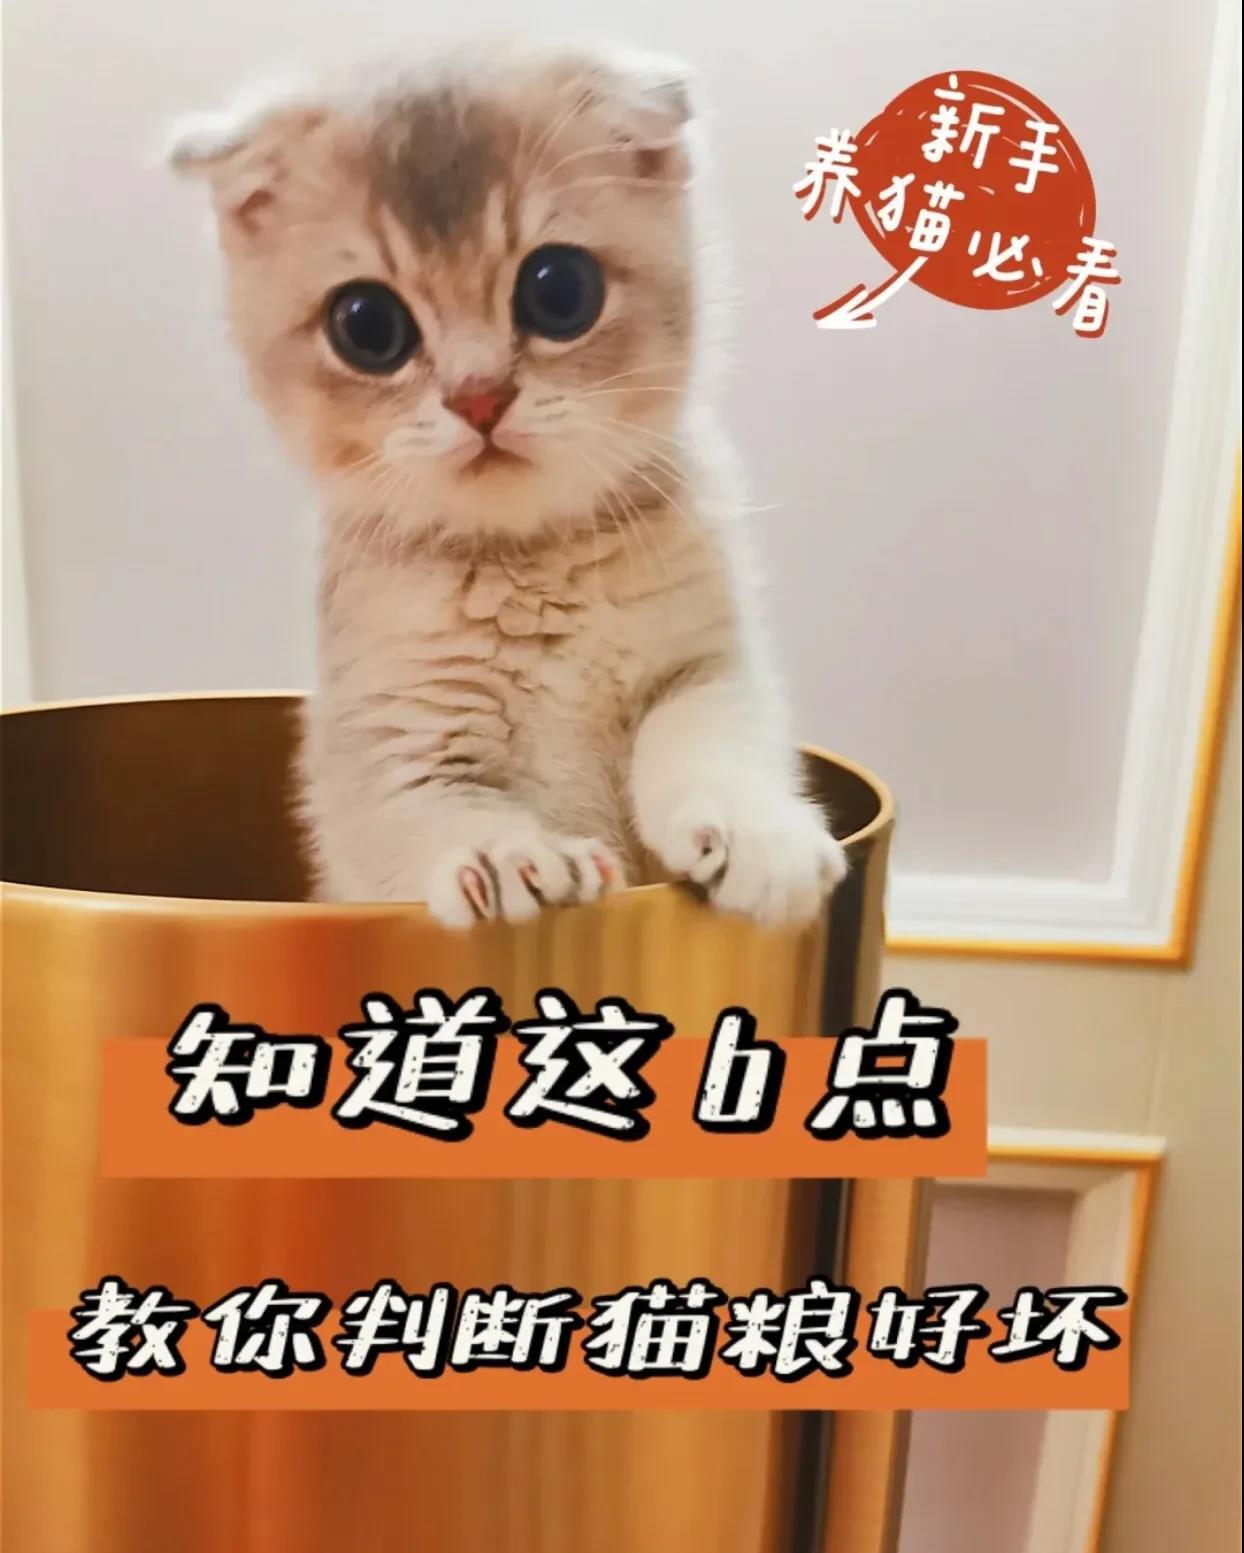 记住这6点帮你辨别猫粮✅新手养猫必看